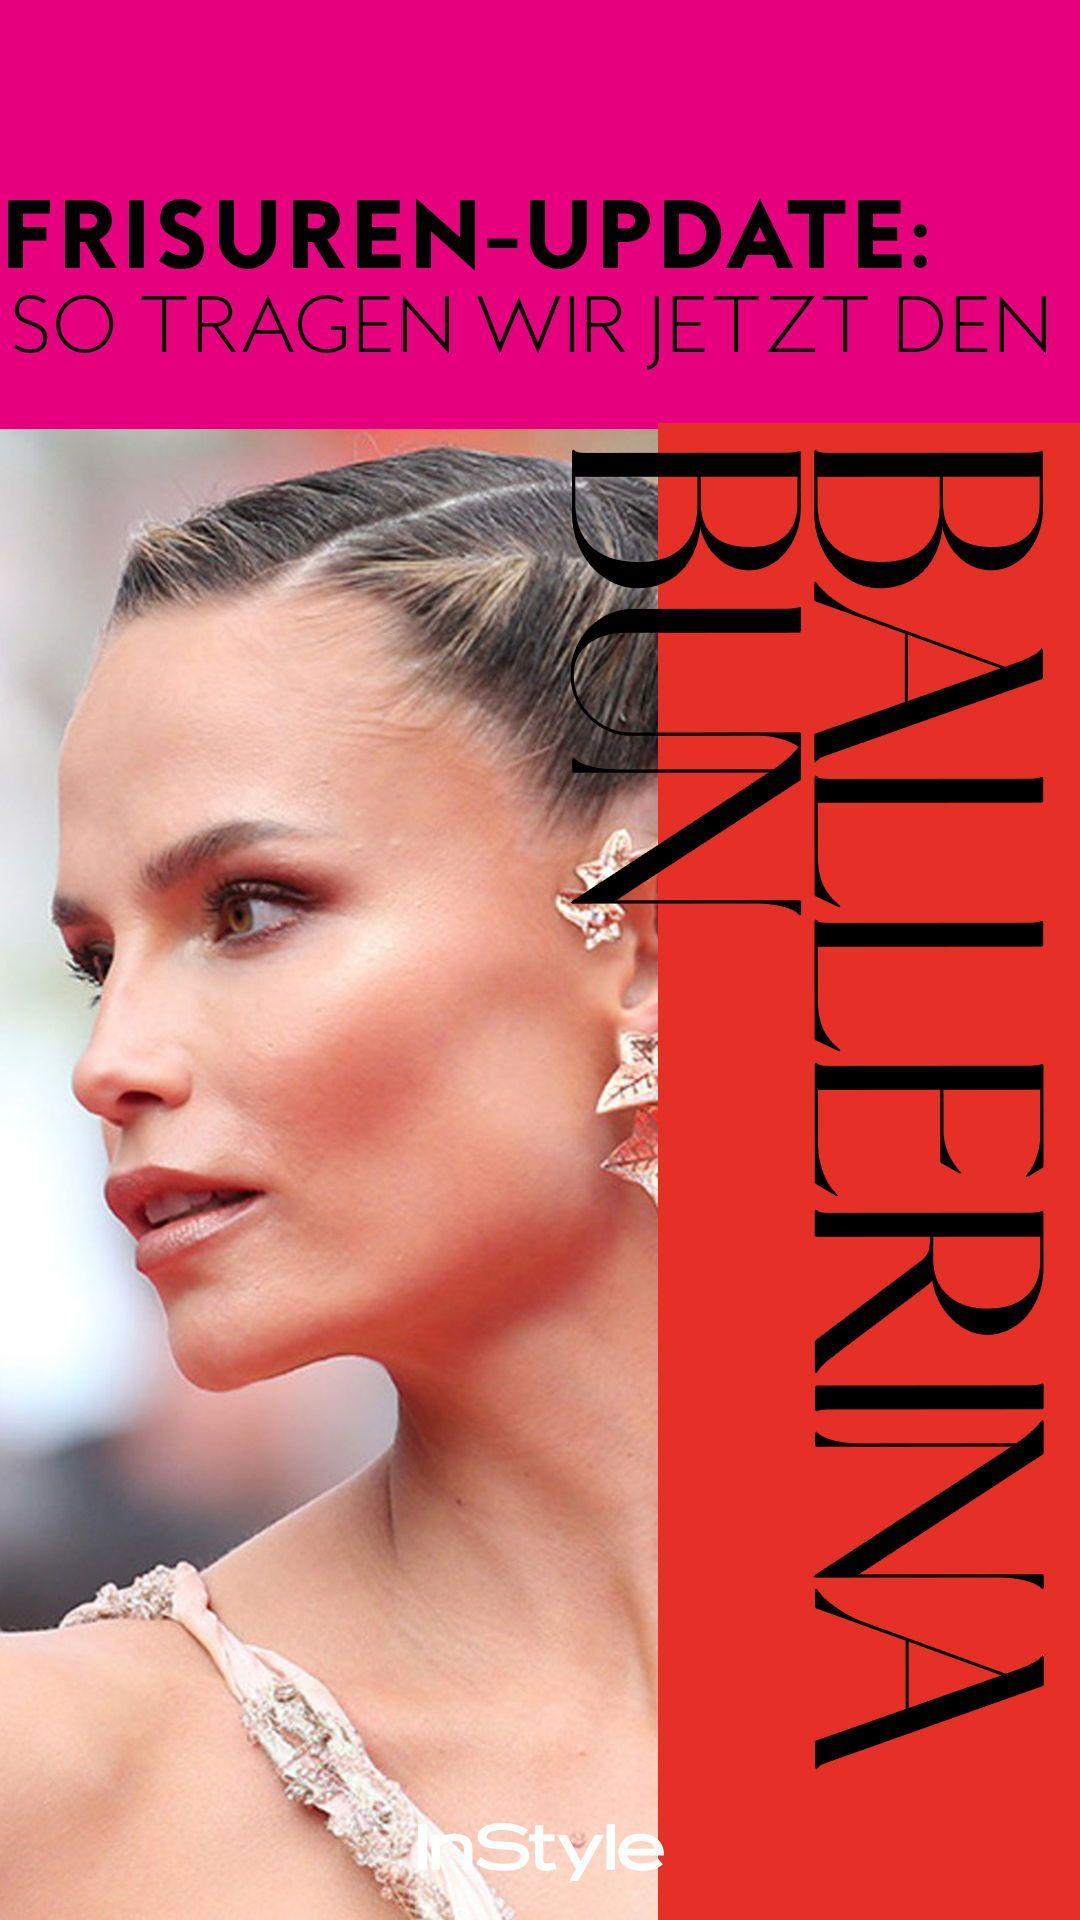 Ballerina Bun Reloaded So Wird Aus Dem Klassichen Dutt Eine Mega Trend Frisur Dutt Haare Nach Hinten Trends